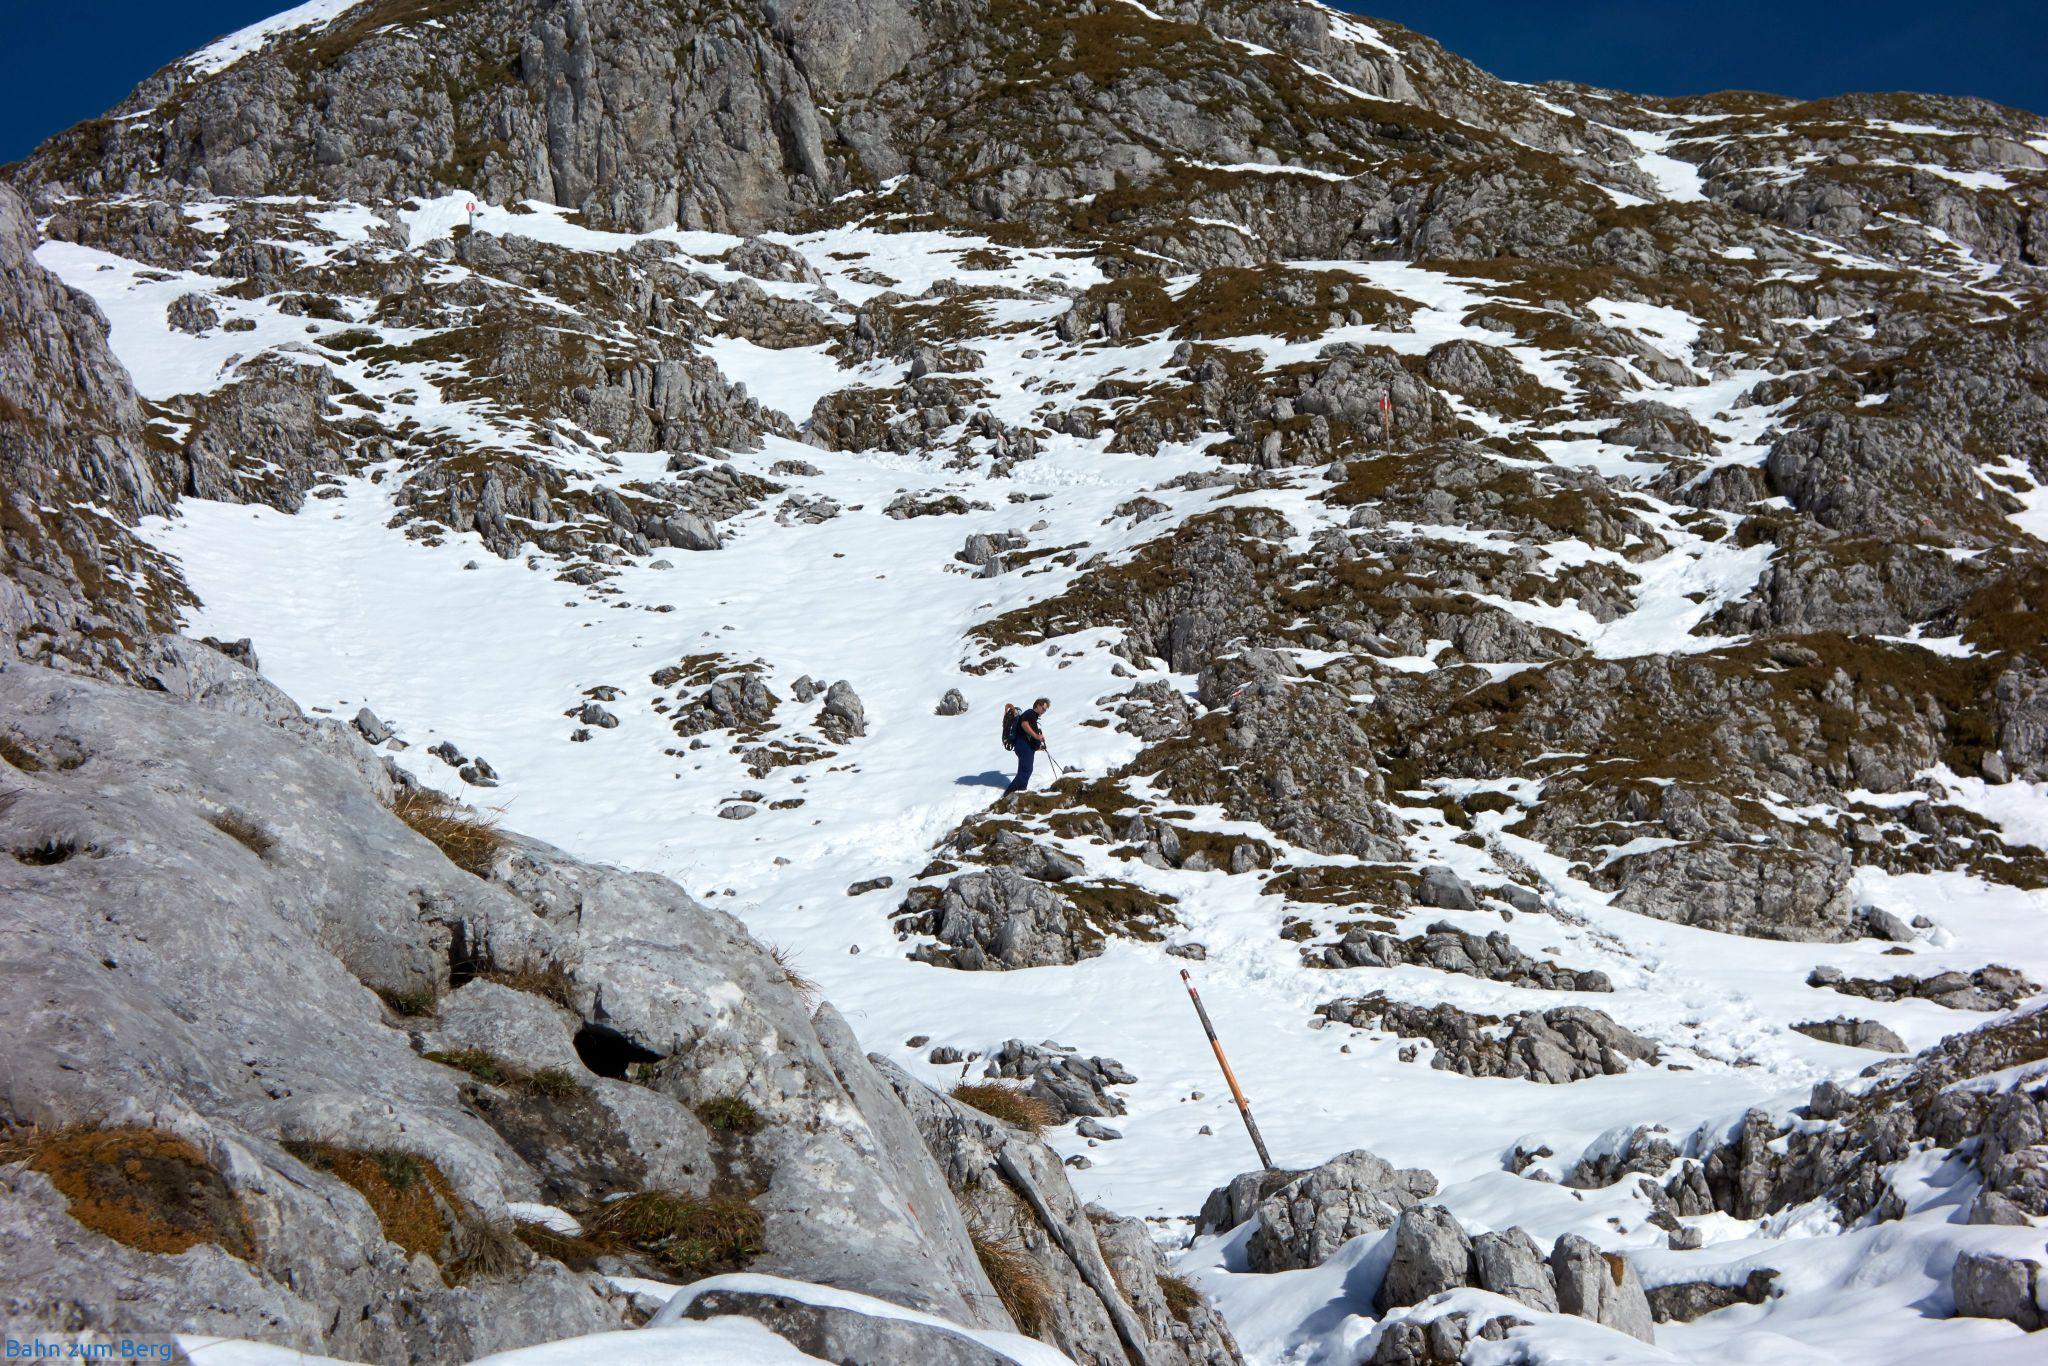 Der Graf-Meran Steig ist - weil südseitig ausgerichtet - schneller von Schnee und Eis befreit, als andere Aufstiege.